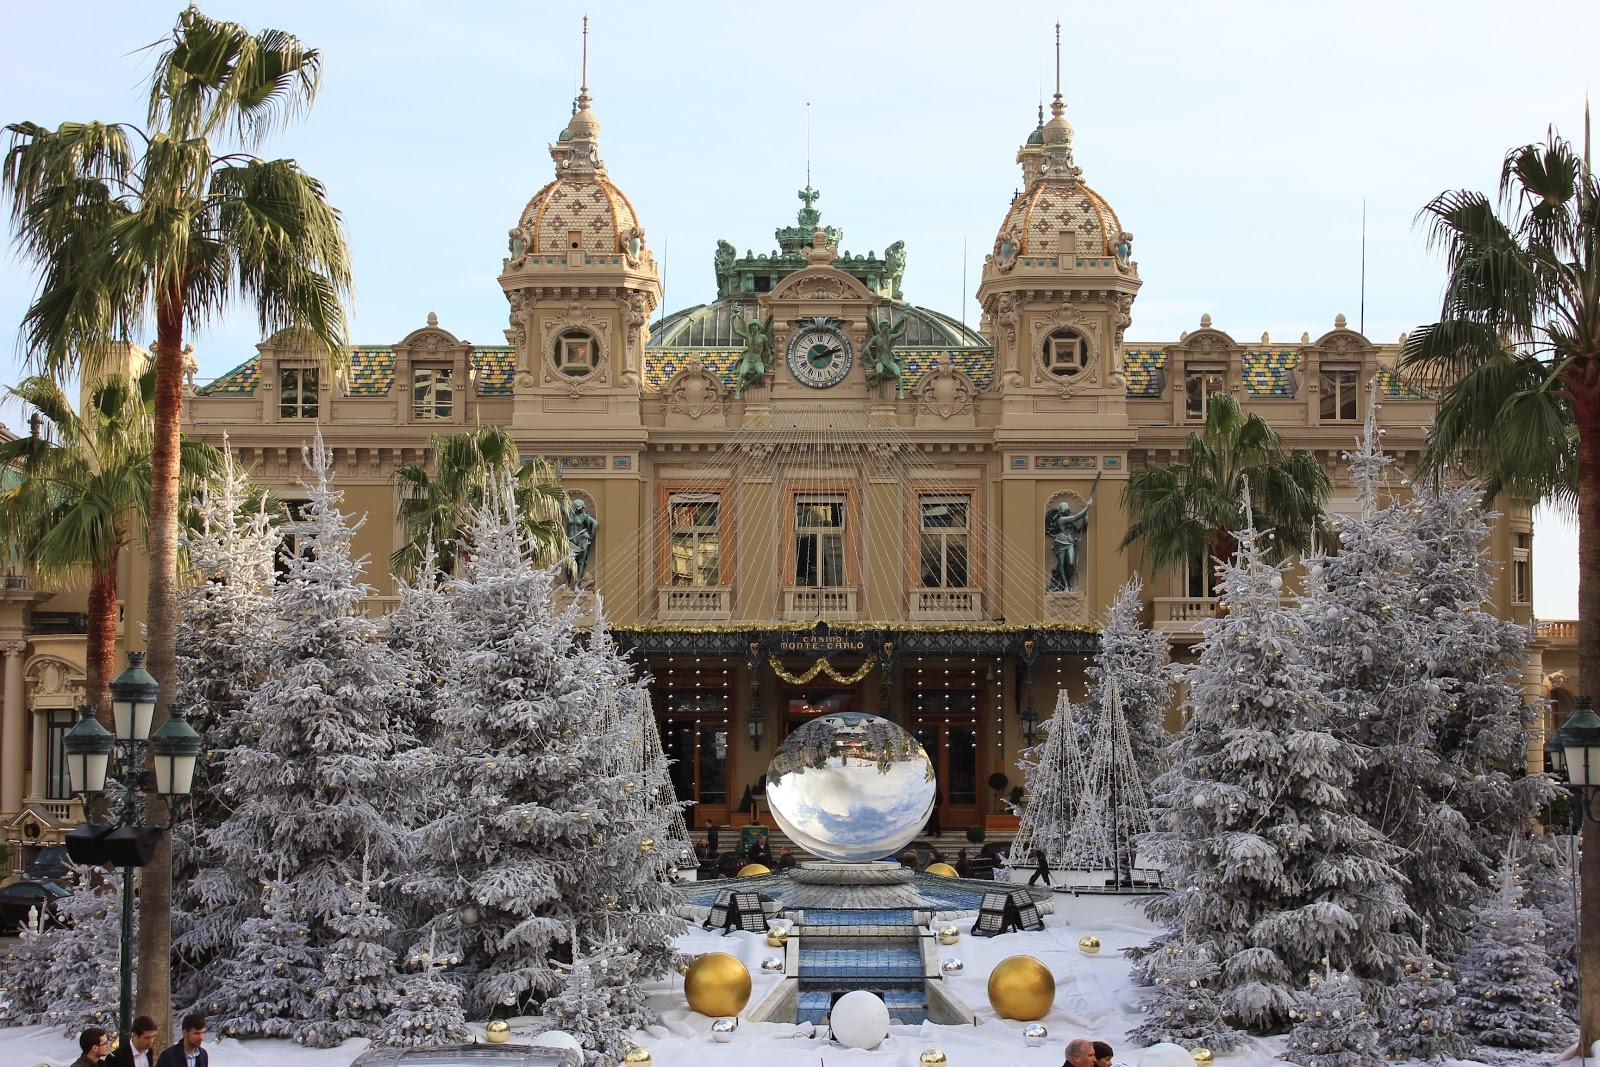 Monte Carlo Grand Casino, Monaco